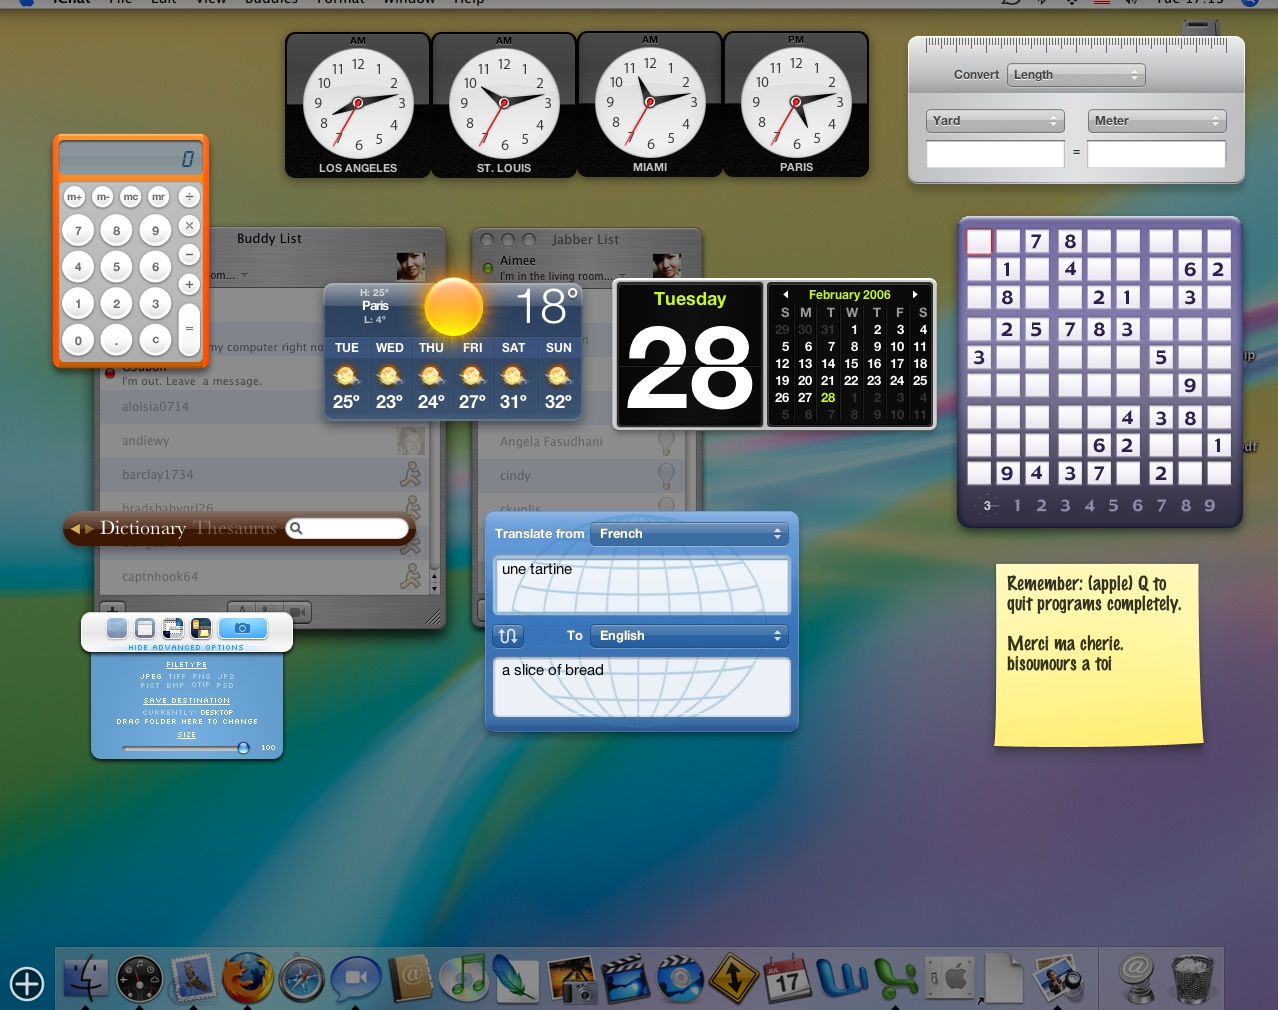 Персональный сайт - Скачать виджеты для Windows 7 бесплатно.